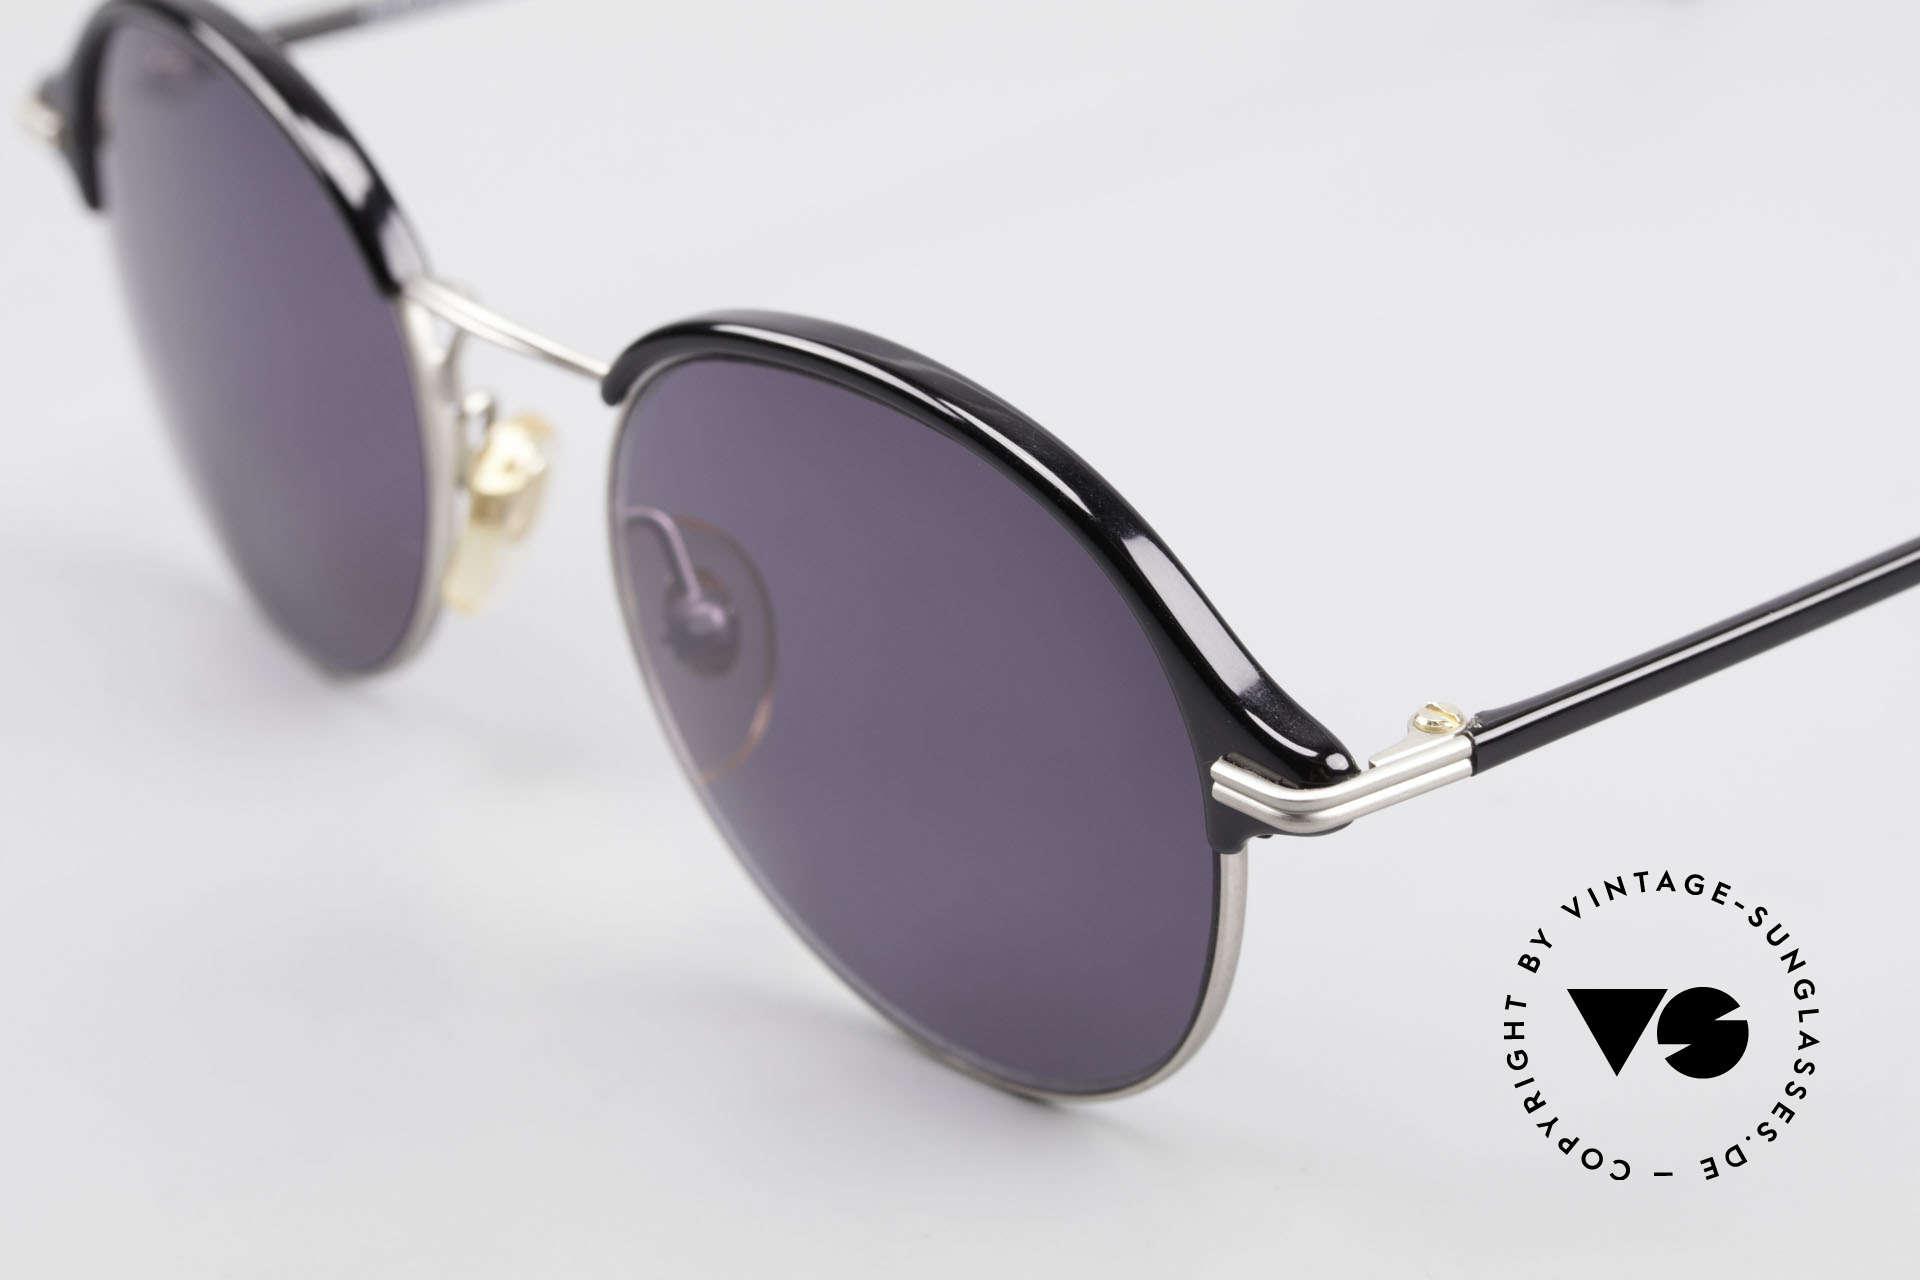 Cutler And Gross 0374 Pantobrille Mit Windsorringen, schlicht, aber Materialien & Verarbeitung auf top-Niveau, Passend für Herren und Damen